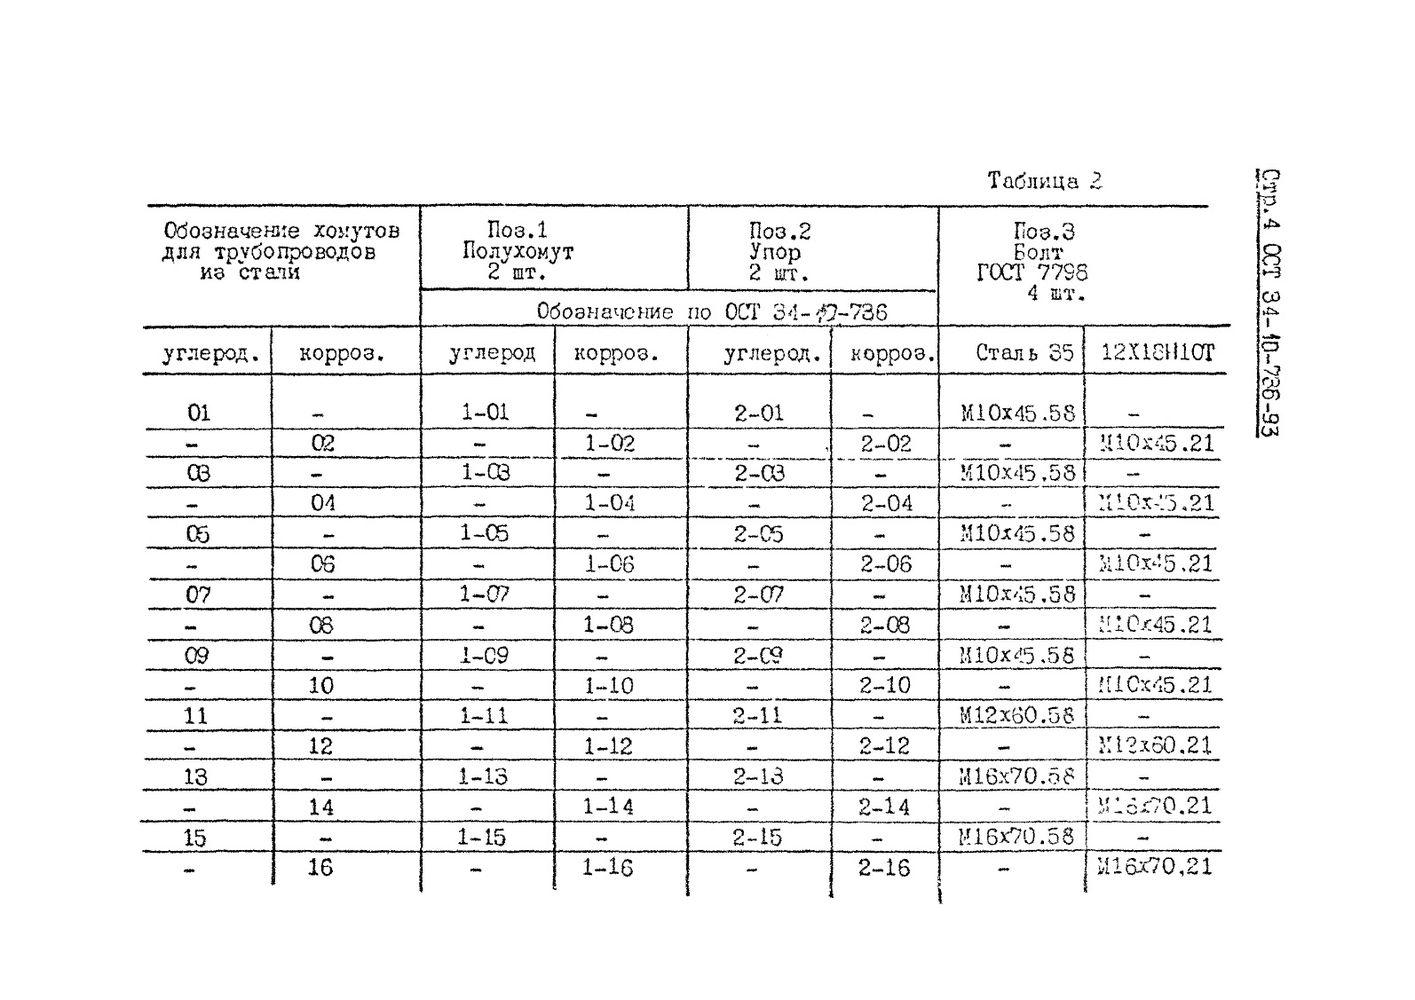 Хомуты для вертикальных трубопроводов ОСТ 34-10-736-93 стр.4